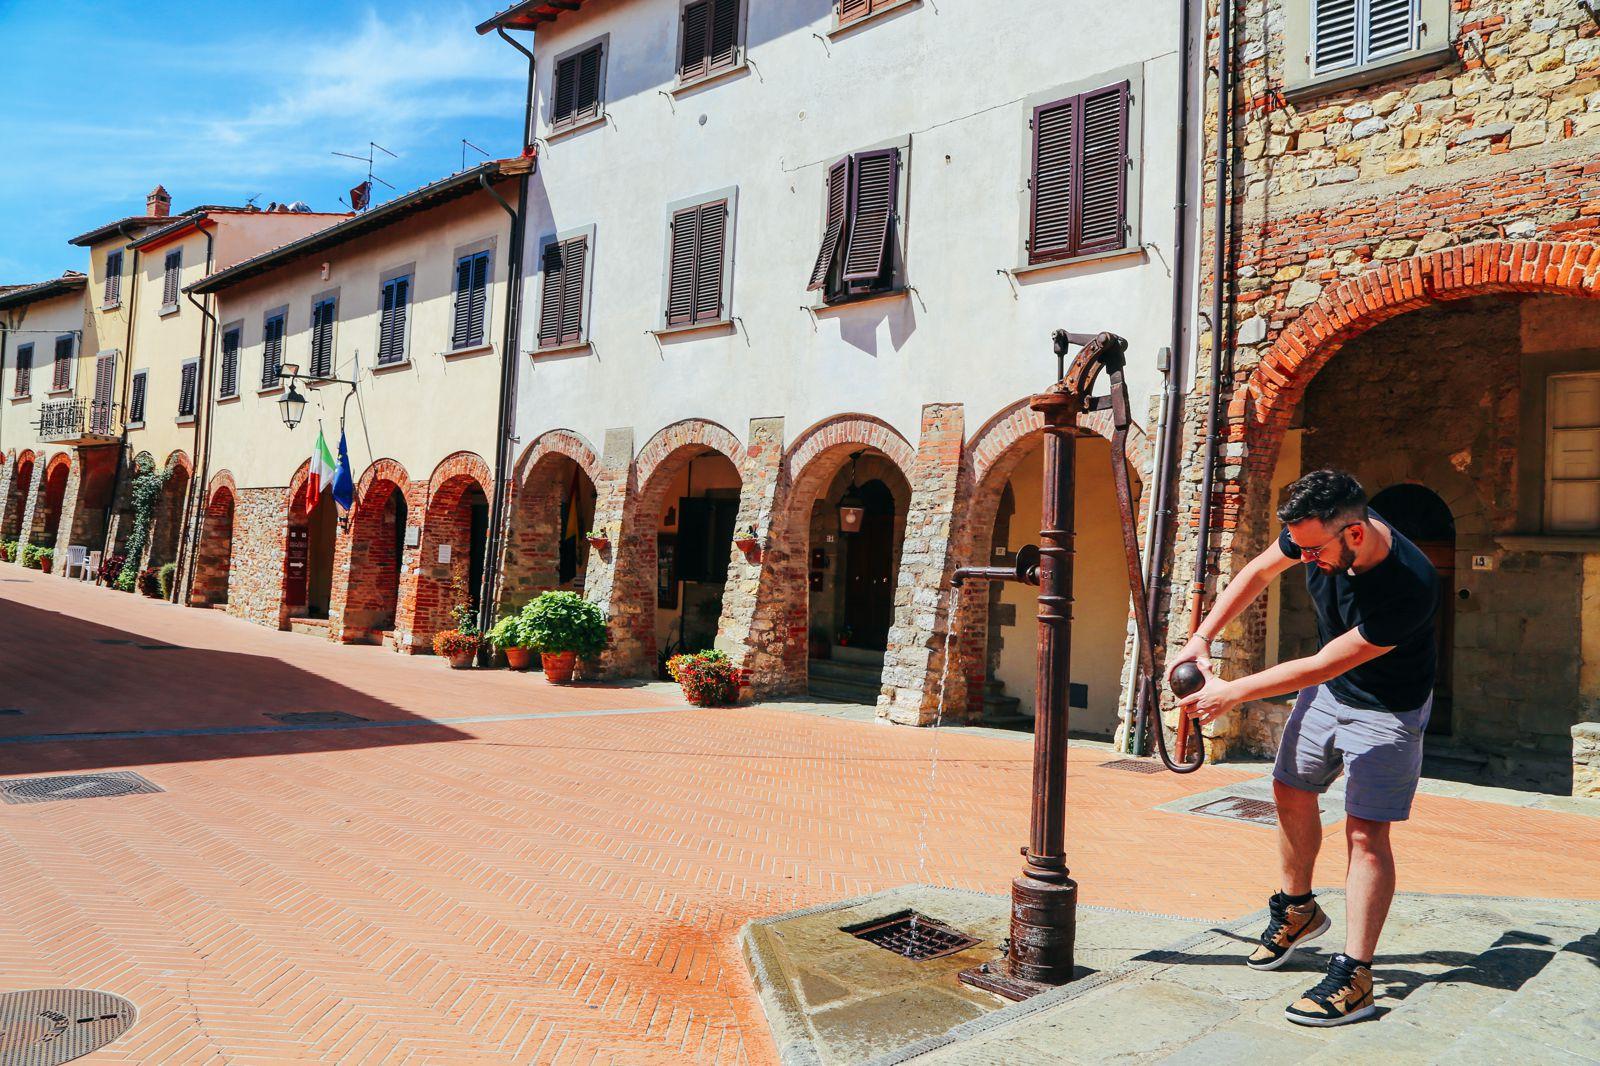 Have You Ever Heard Of Civitella in Val di Chiana? (14)